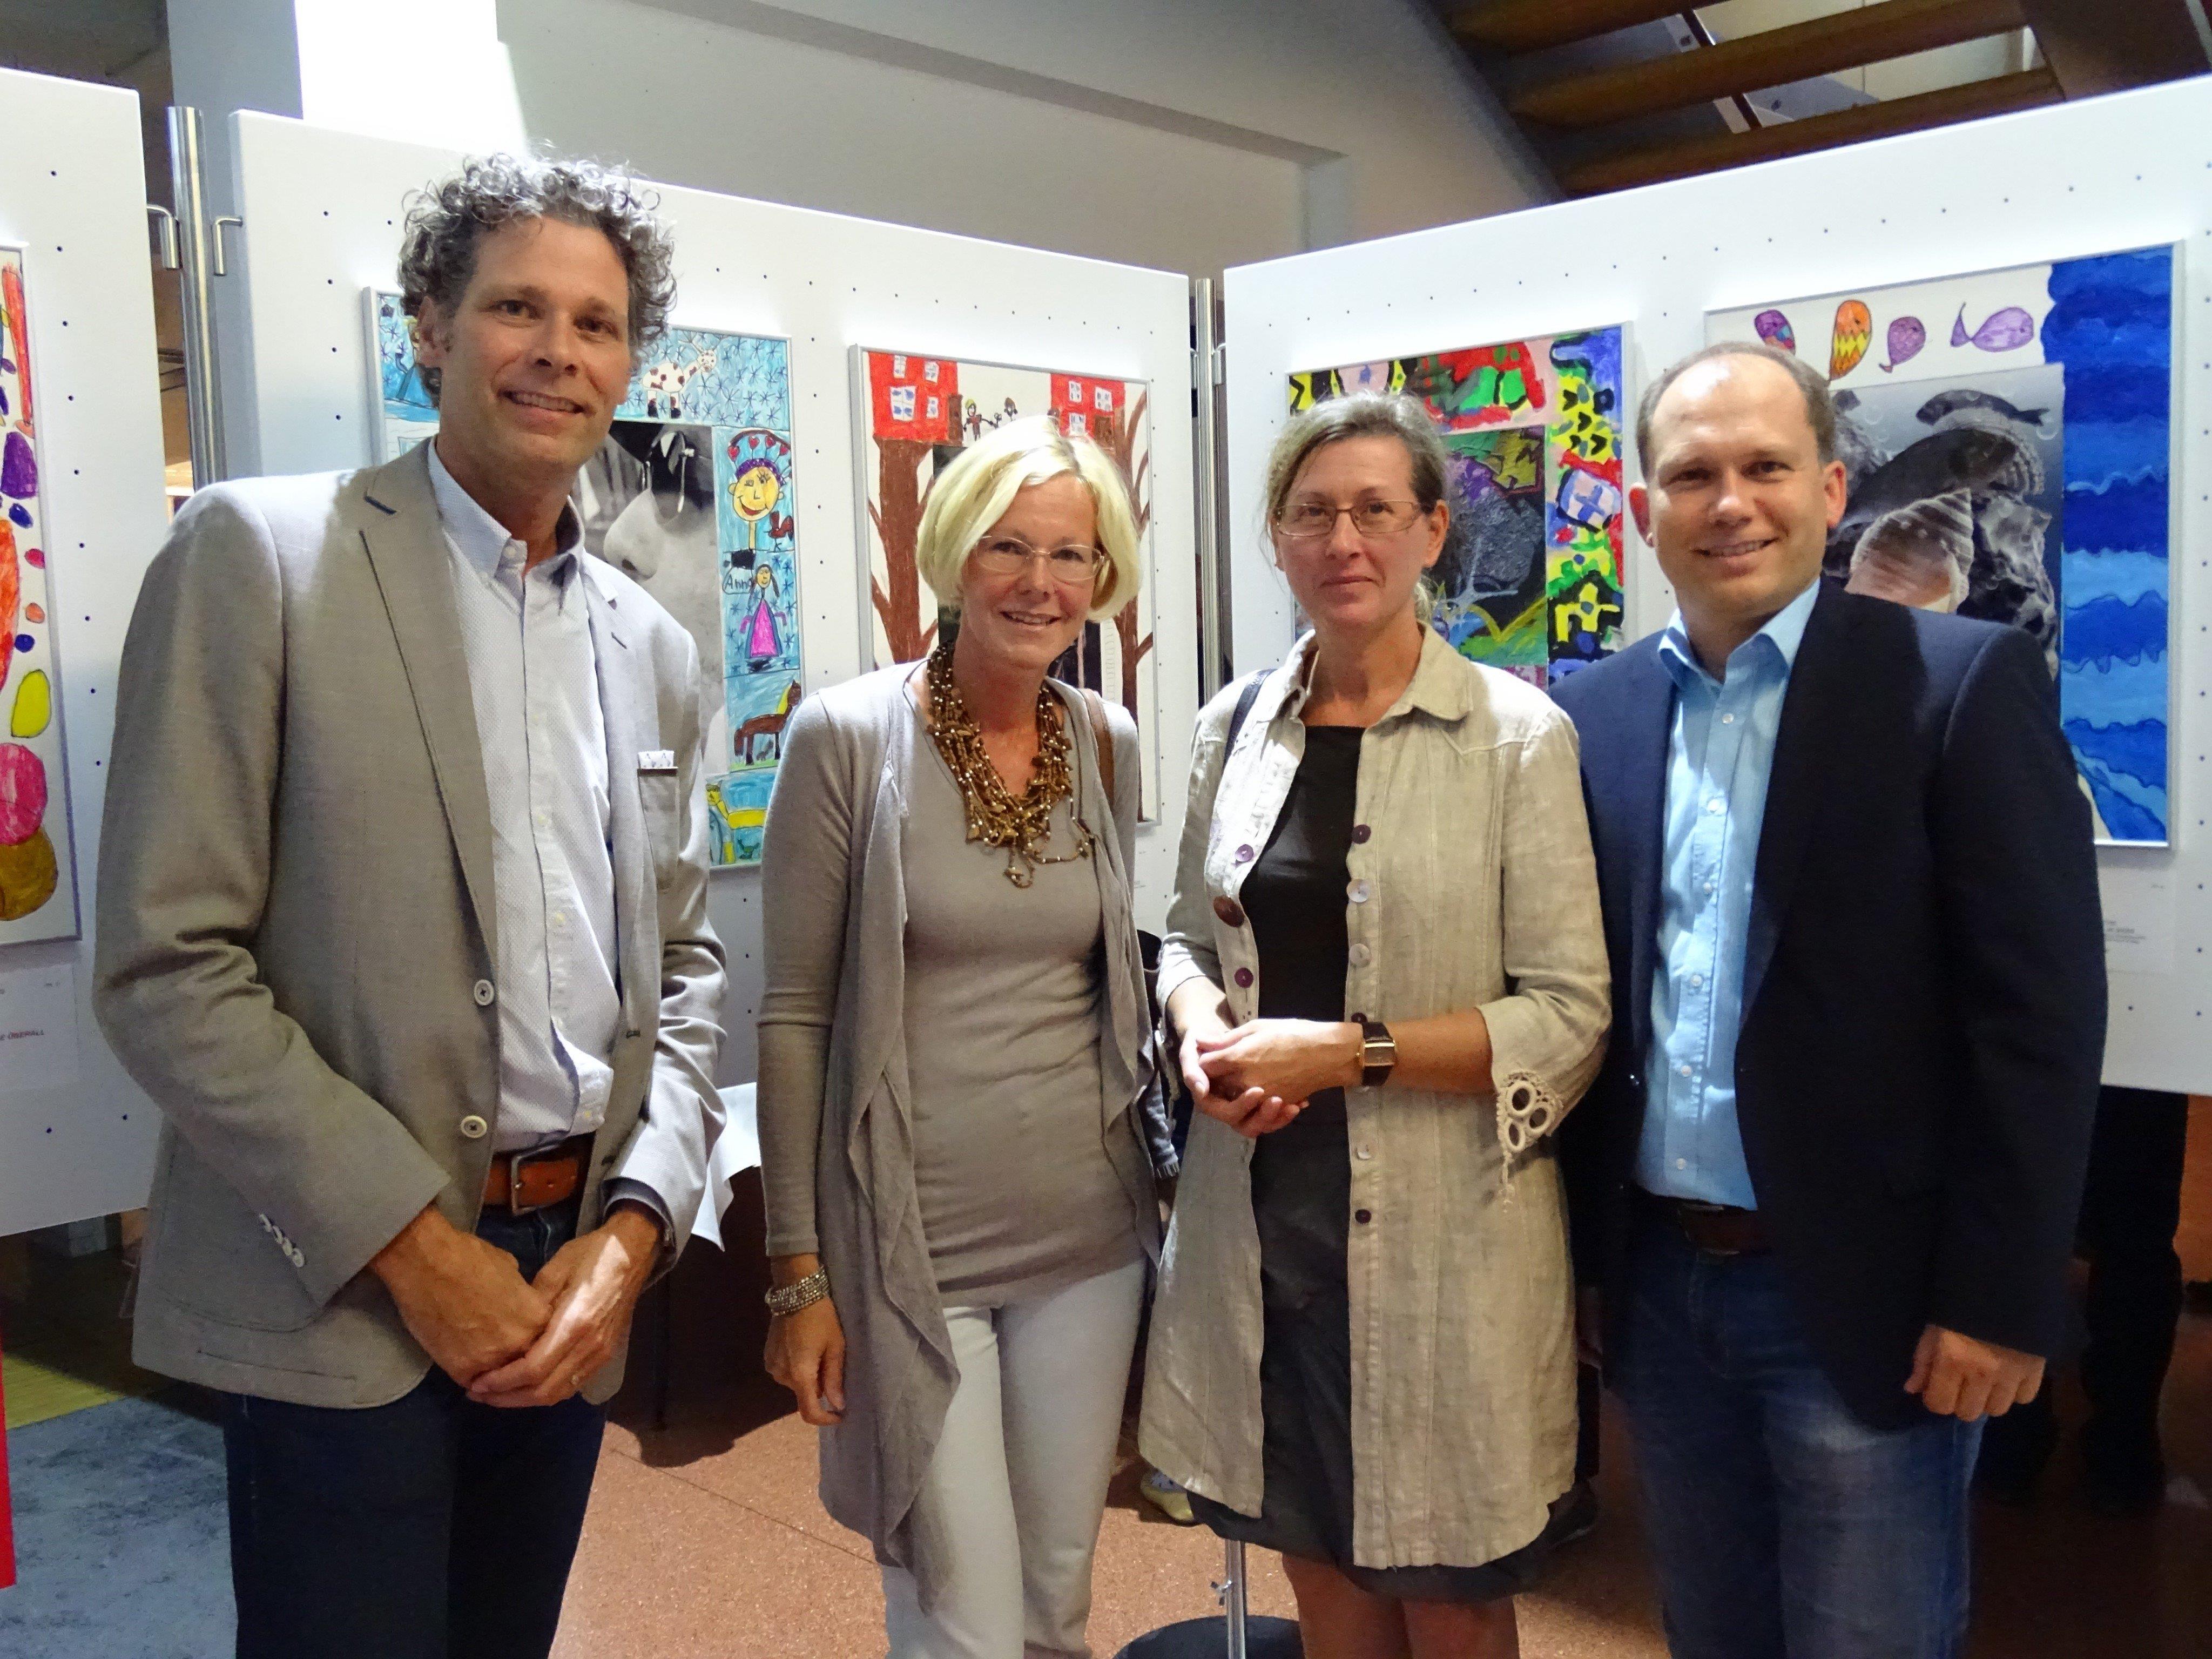 Waren begeistert von den kreativen Ideen: Fotoklub-Obmann Roland Huffnagel, Wilka Müller, Olga Friesenecker und BM Peter Neier (v.l.).